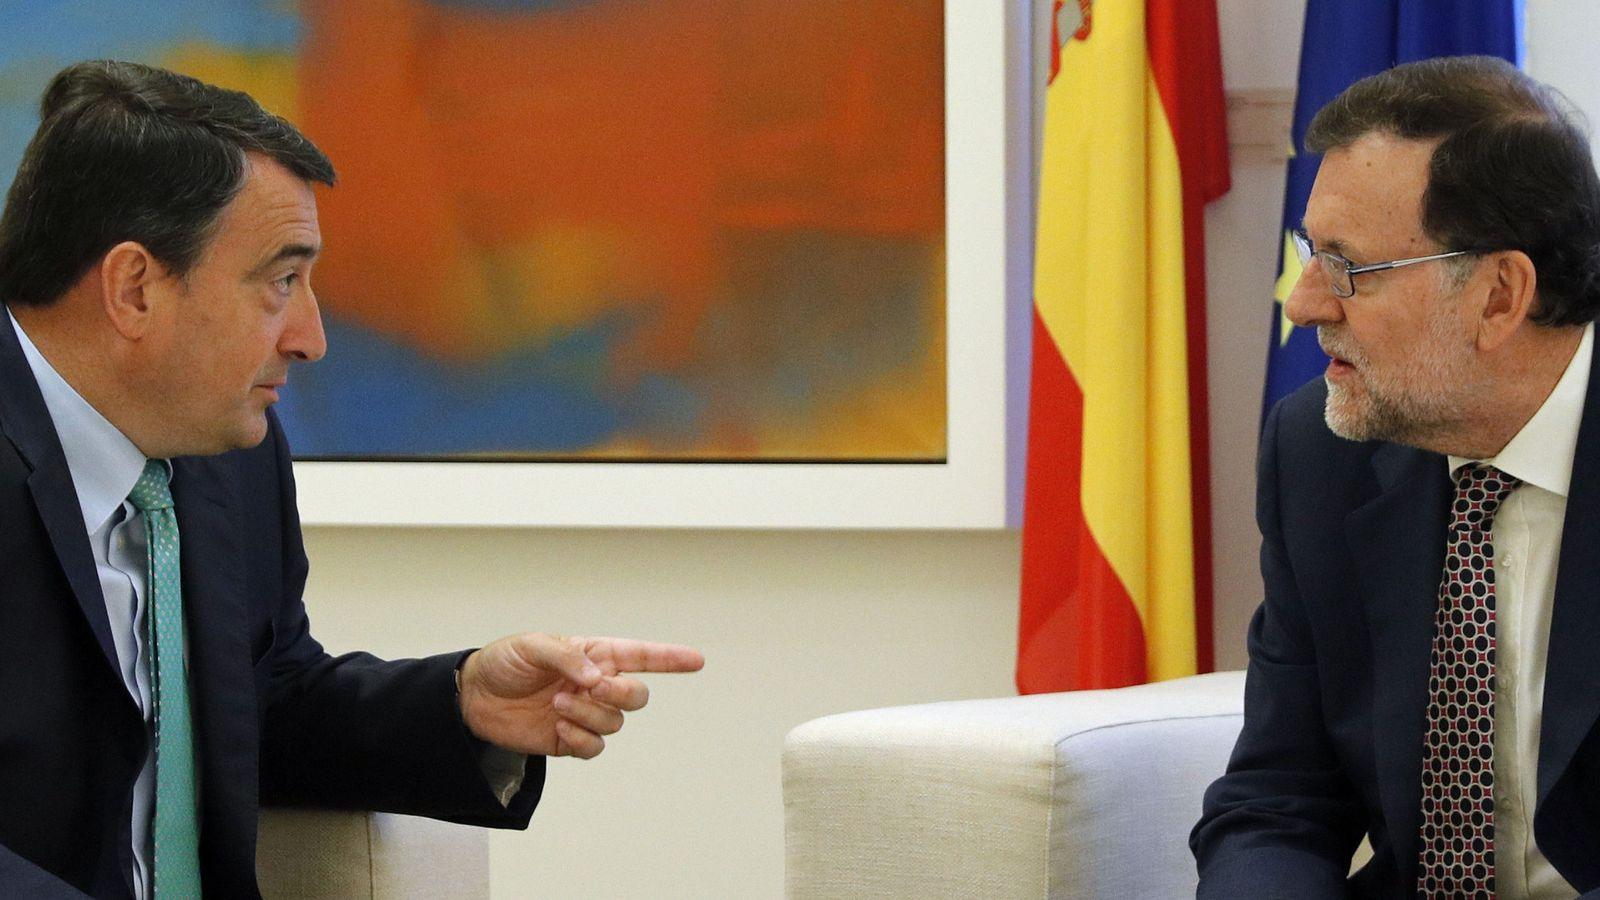 Foto: El presidente del Gobierno, Mariano Rajoy, con el portavoz del PNV en el Congreso, Aitor Esteban. (EFE)